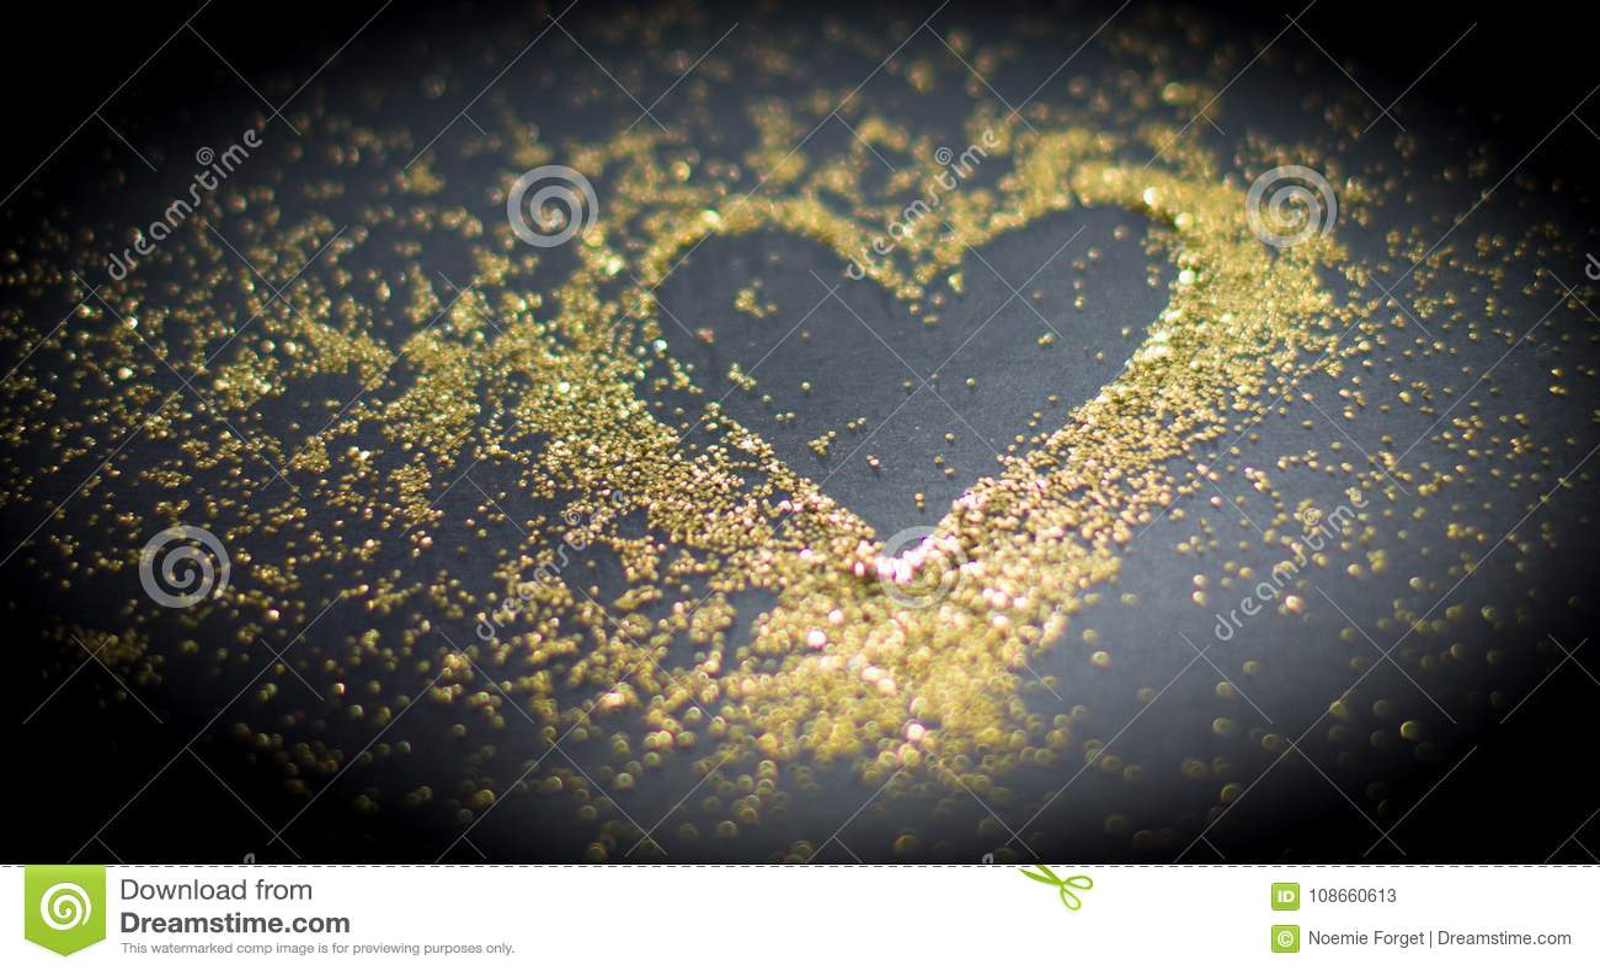 Coeur dans la poudre d or